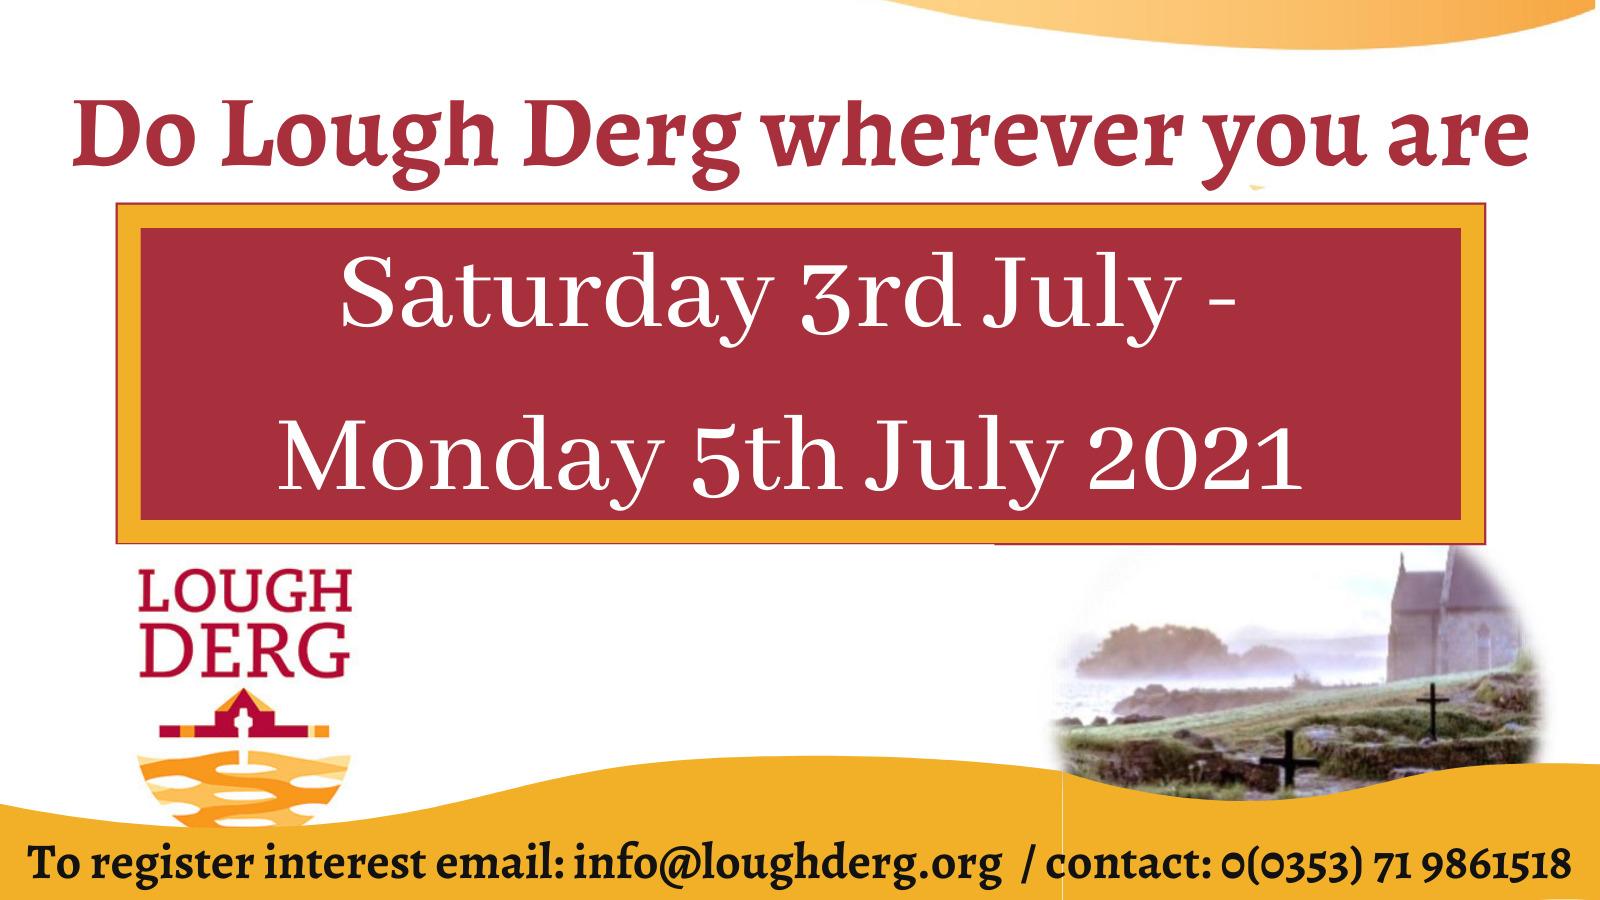 Do Lough Derg wherever you are